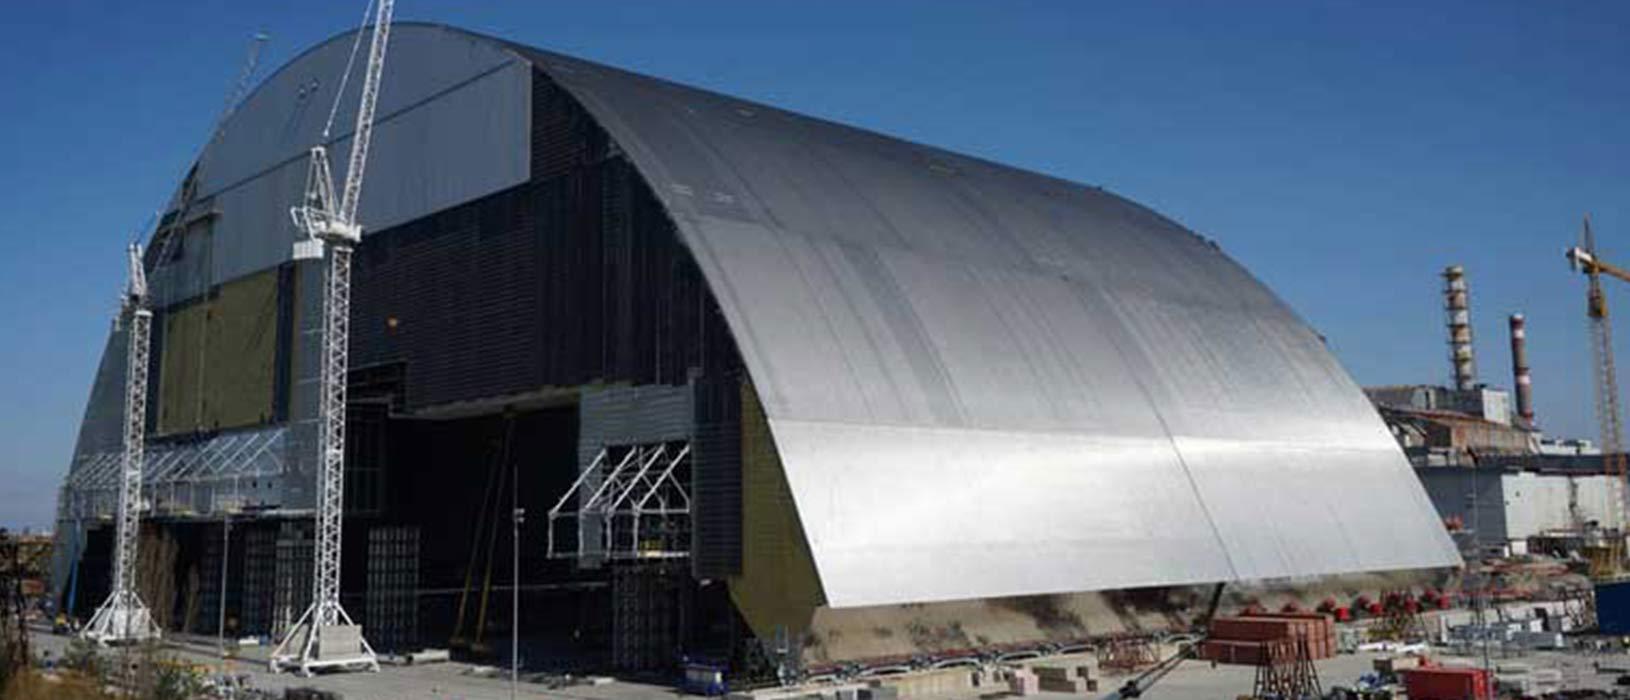 Die neue Schutzhülle um den zerstörten Reaktor 4 des Atomkraftwerks Tschernobyl in der Ukraine. Der südwestfälische Hersteller EJOT Baubefestigungen GmbH lieferte drei Millionen Spezialschrauben. Foto: EBRD